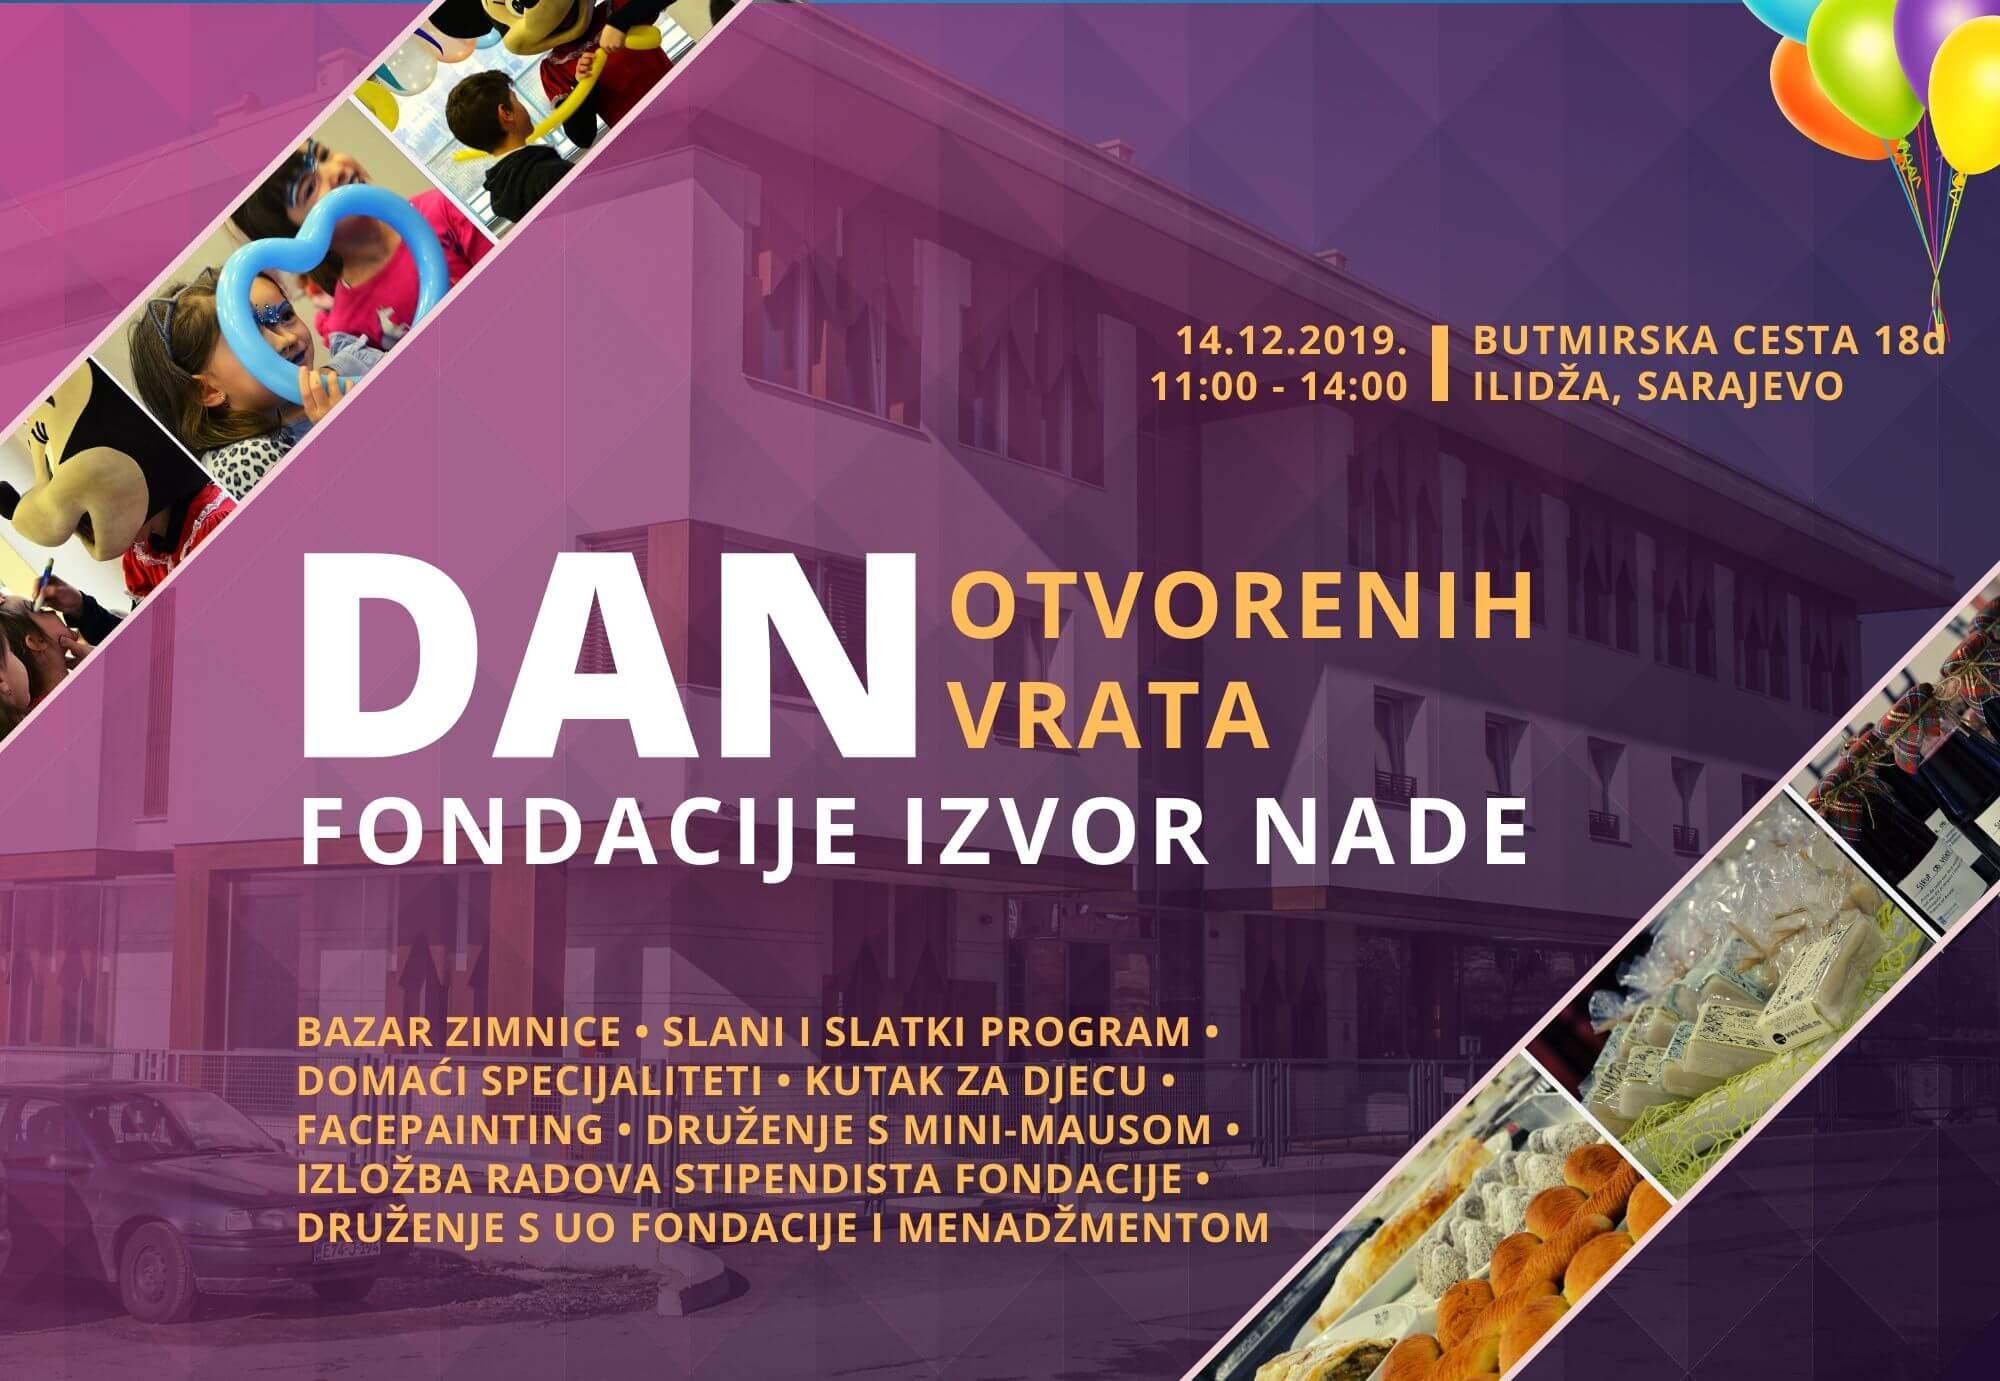 Plakat za Dan otvorenih vrata Fondacije Izvor nade 2019.